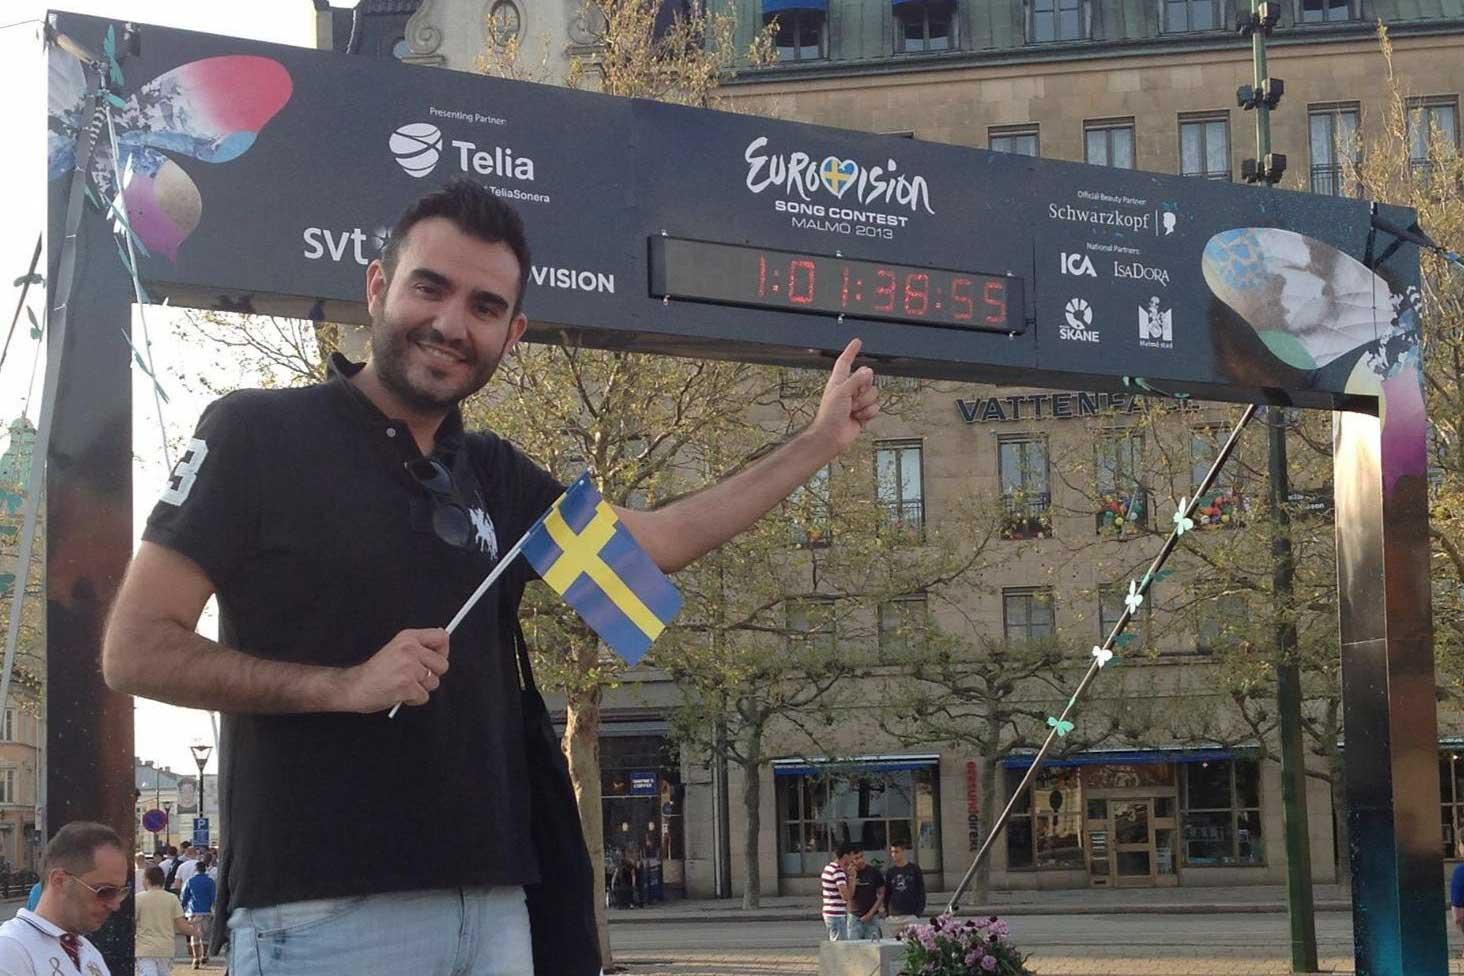 ciudad sede de eurovision